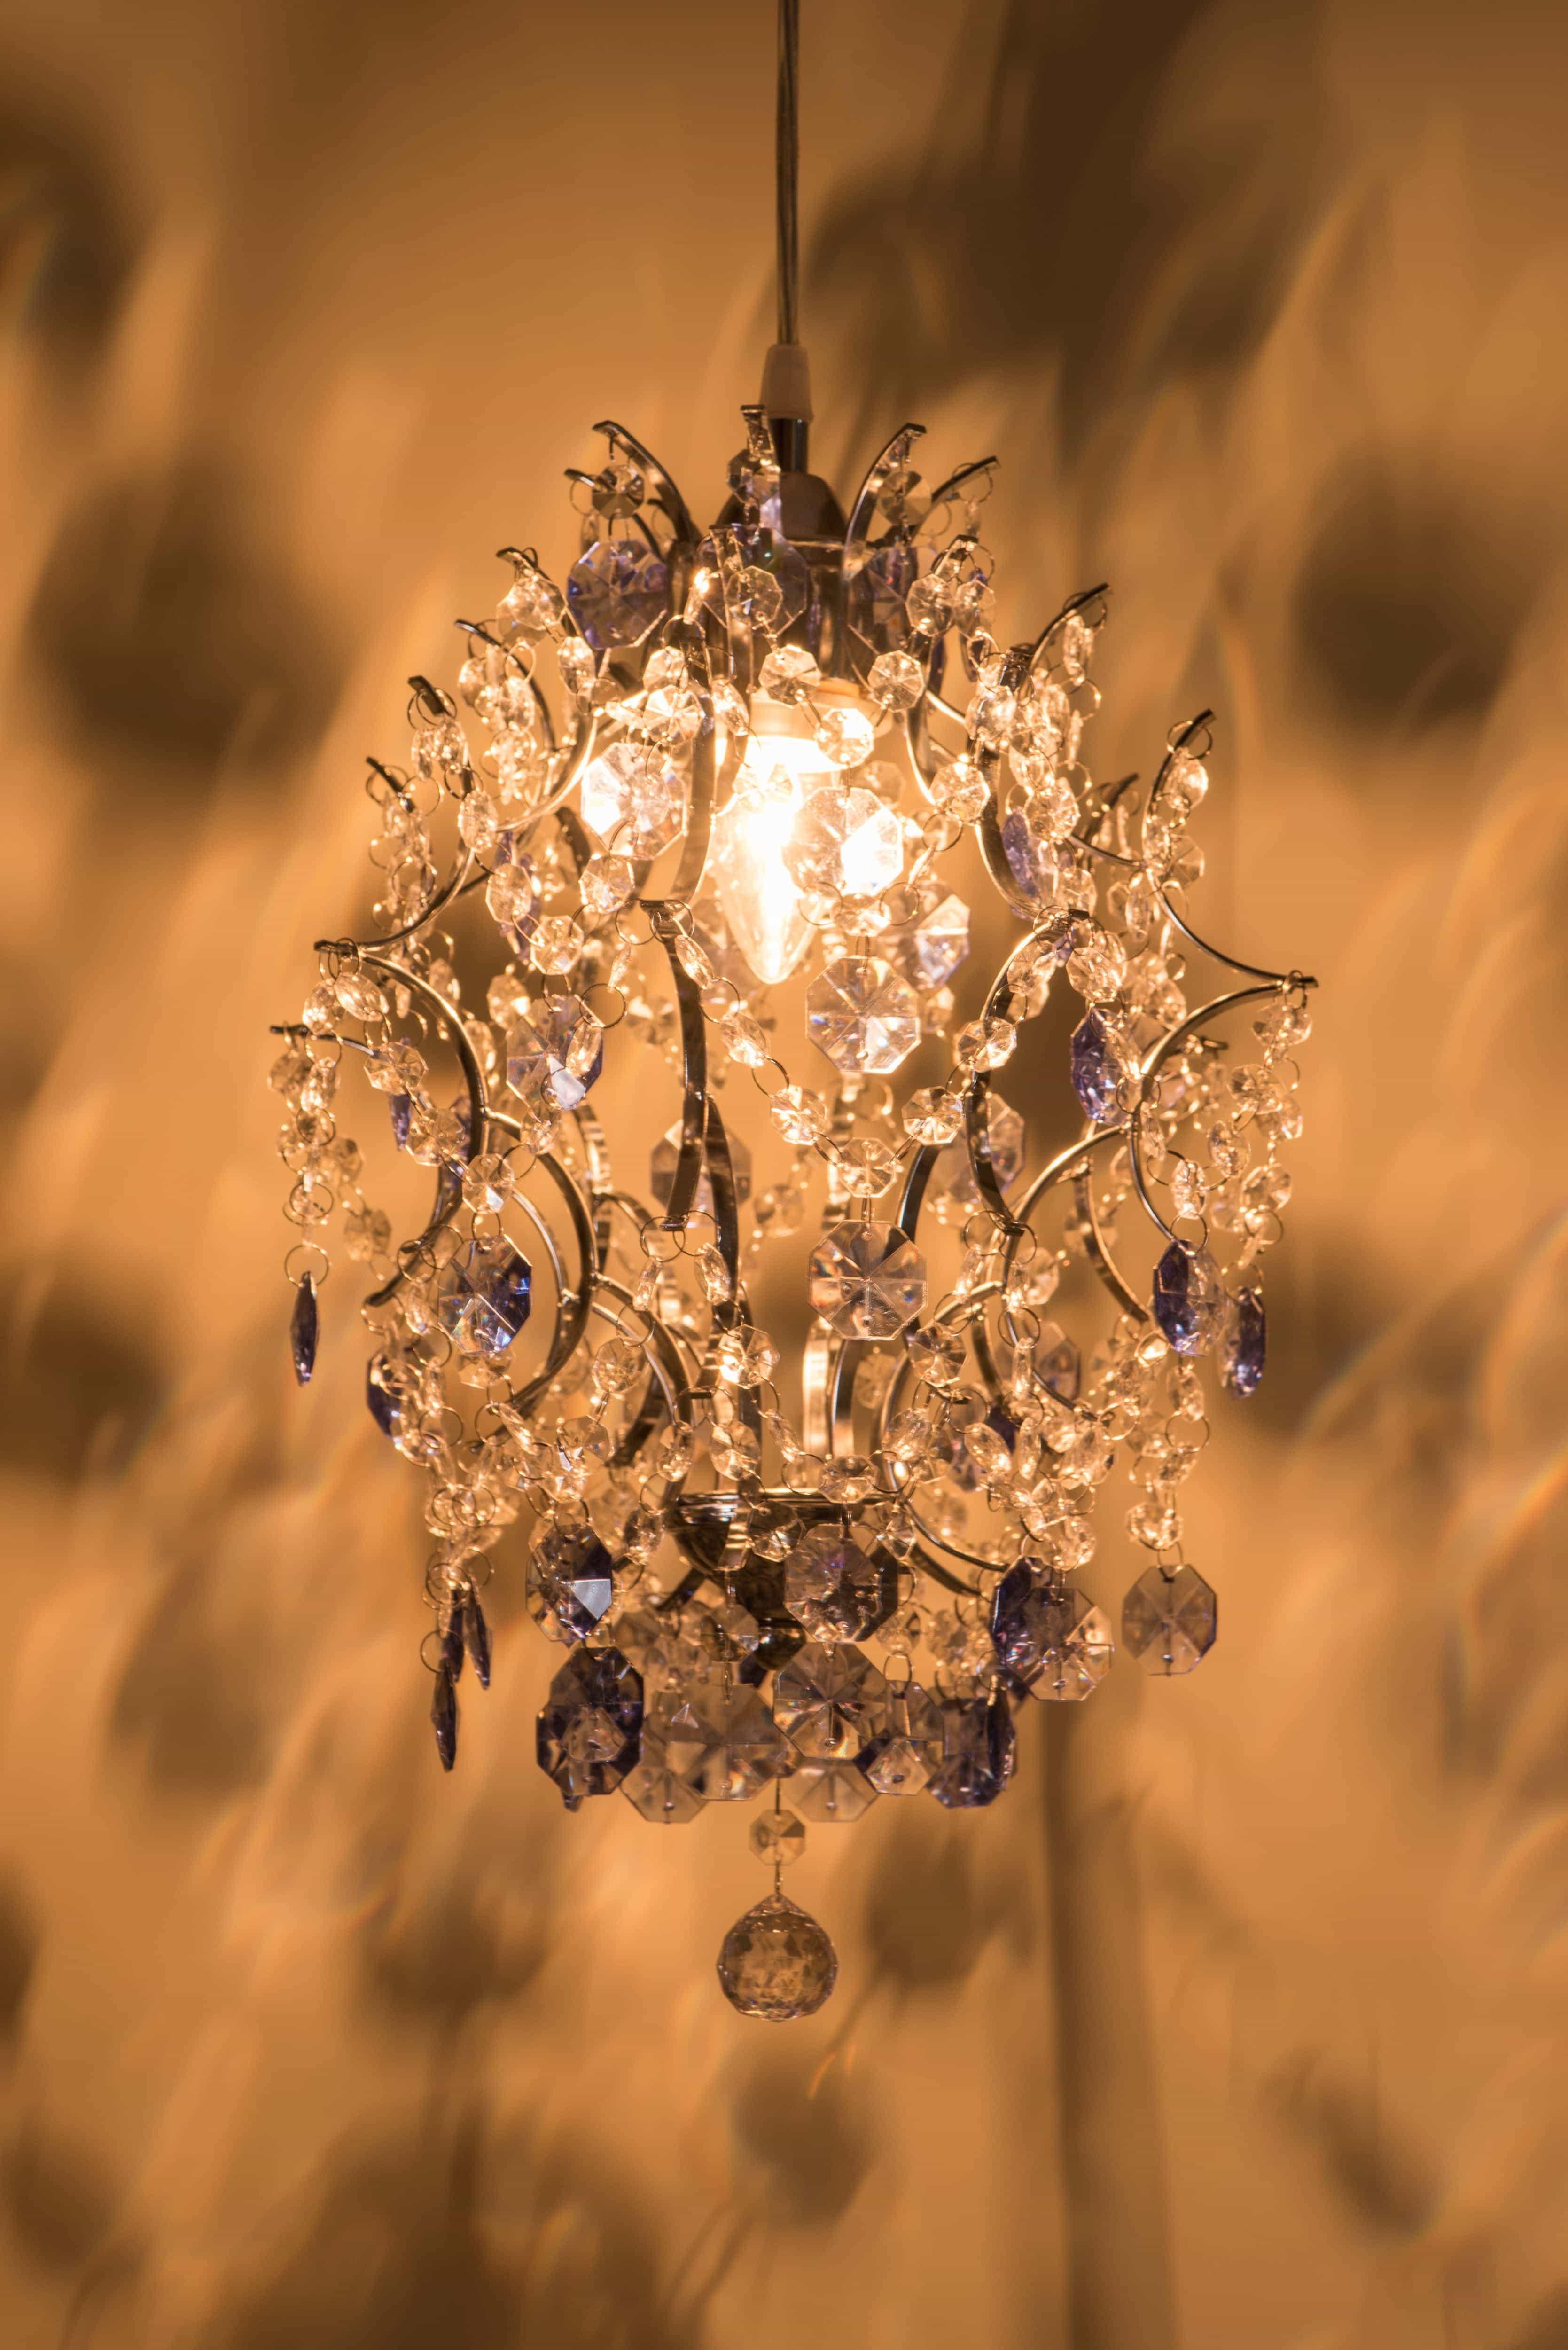 優雅鍍鉻架壓克力珠吊燈-BNL00044 6